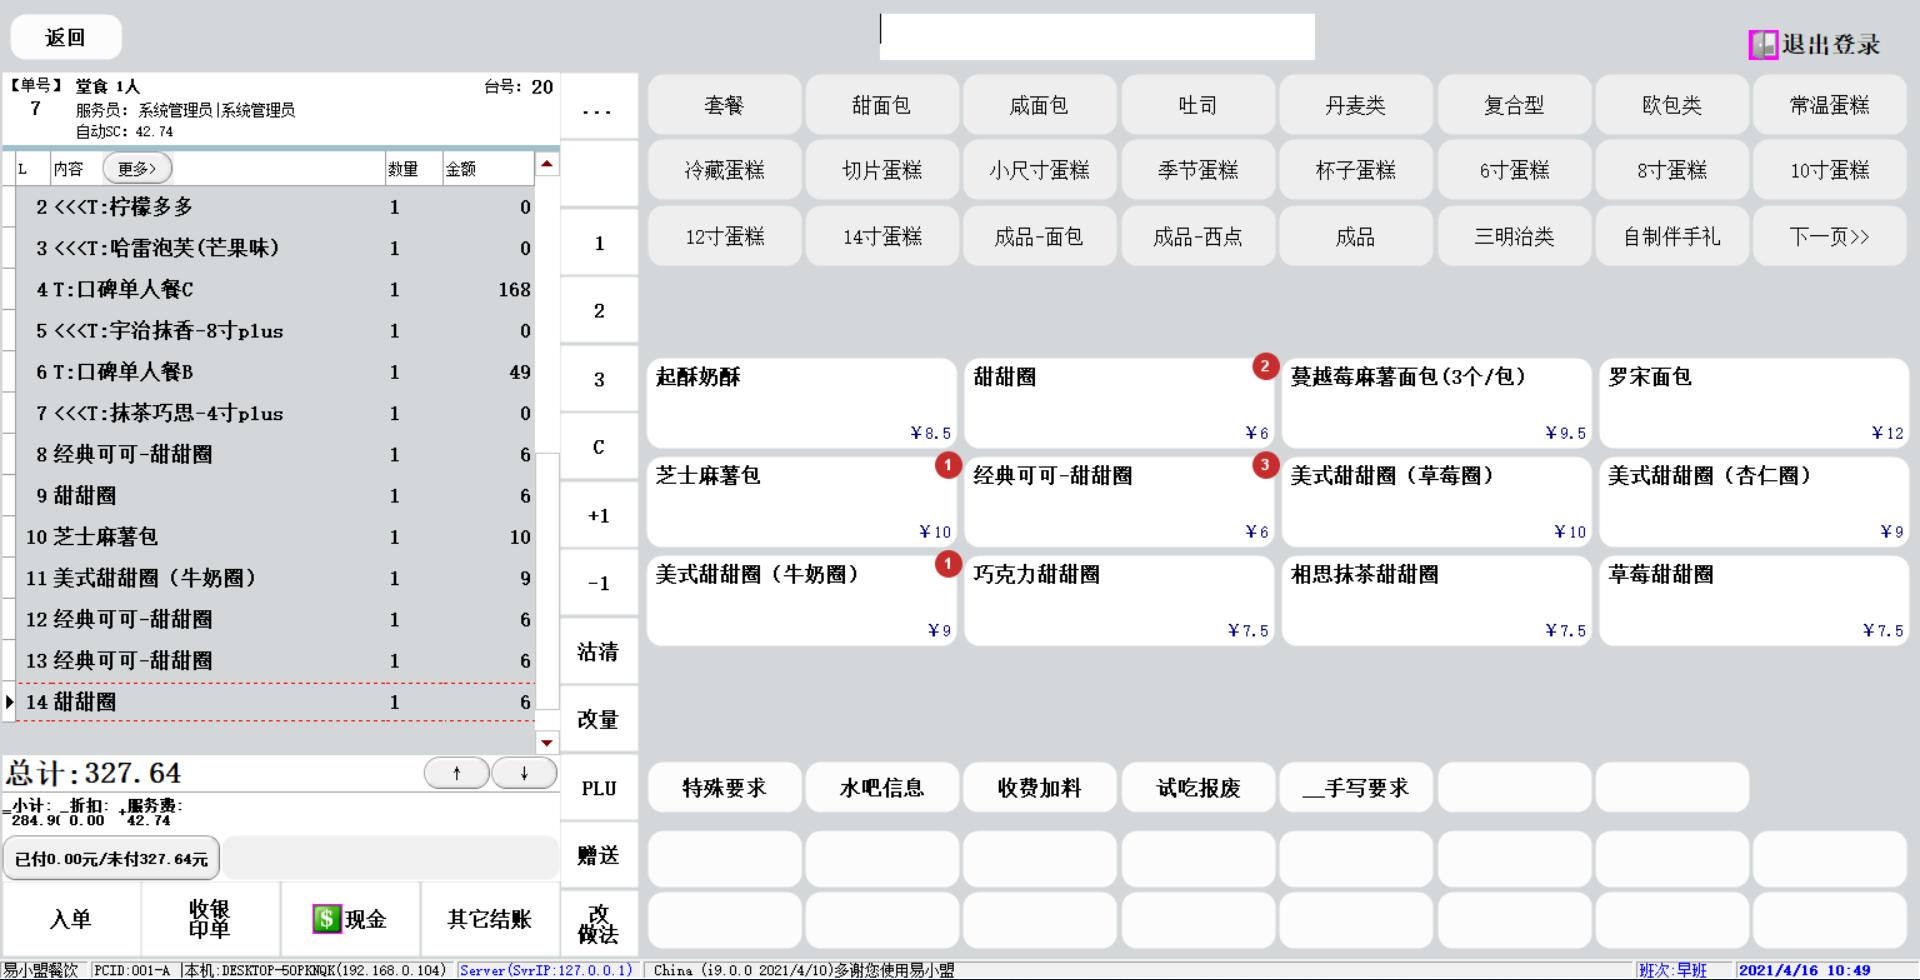 易小盟餐饮软件截图3